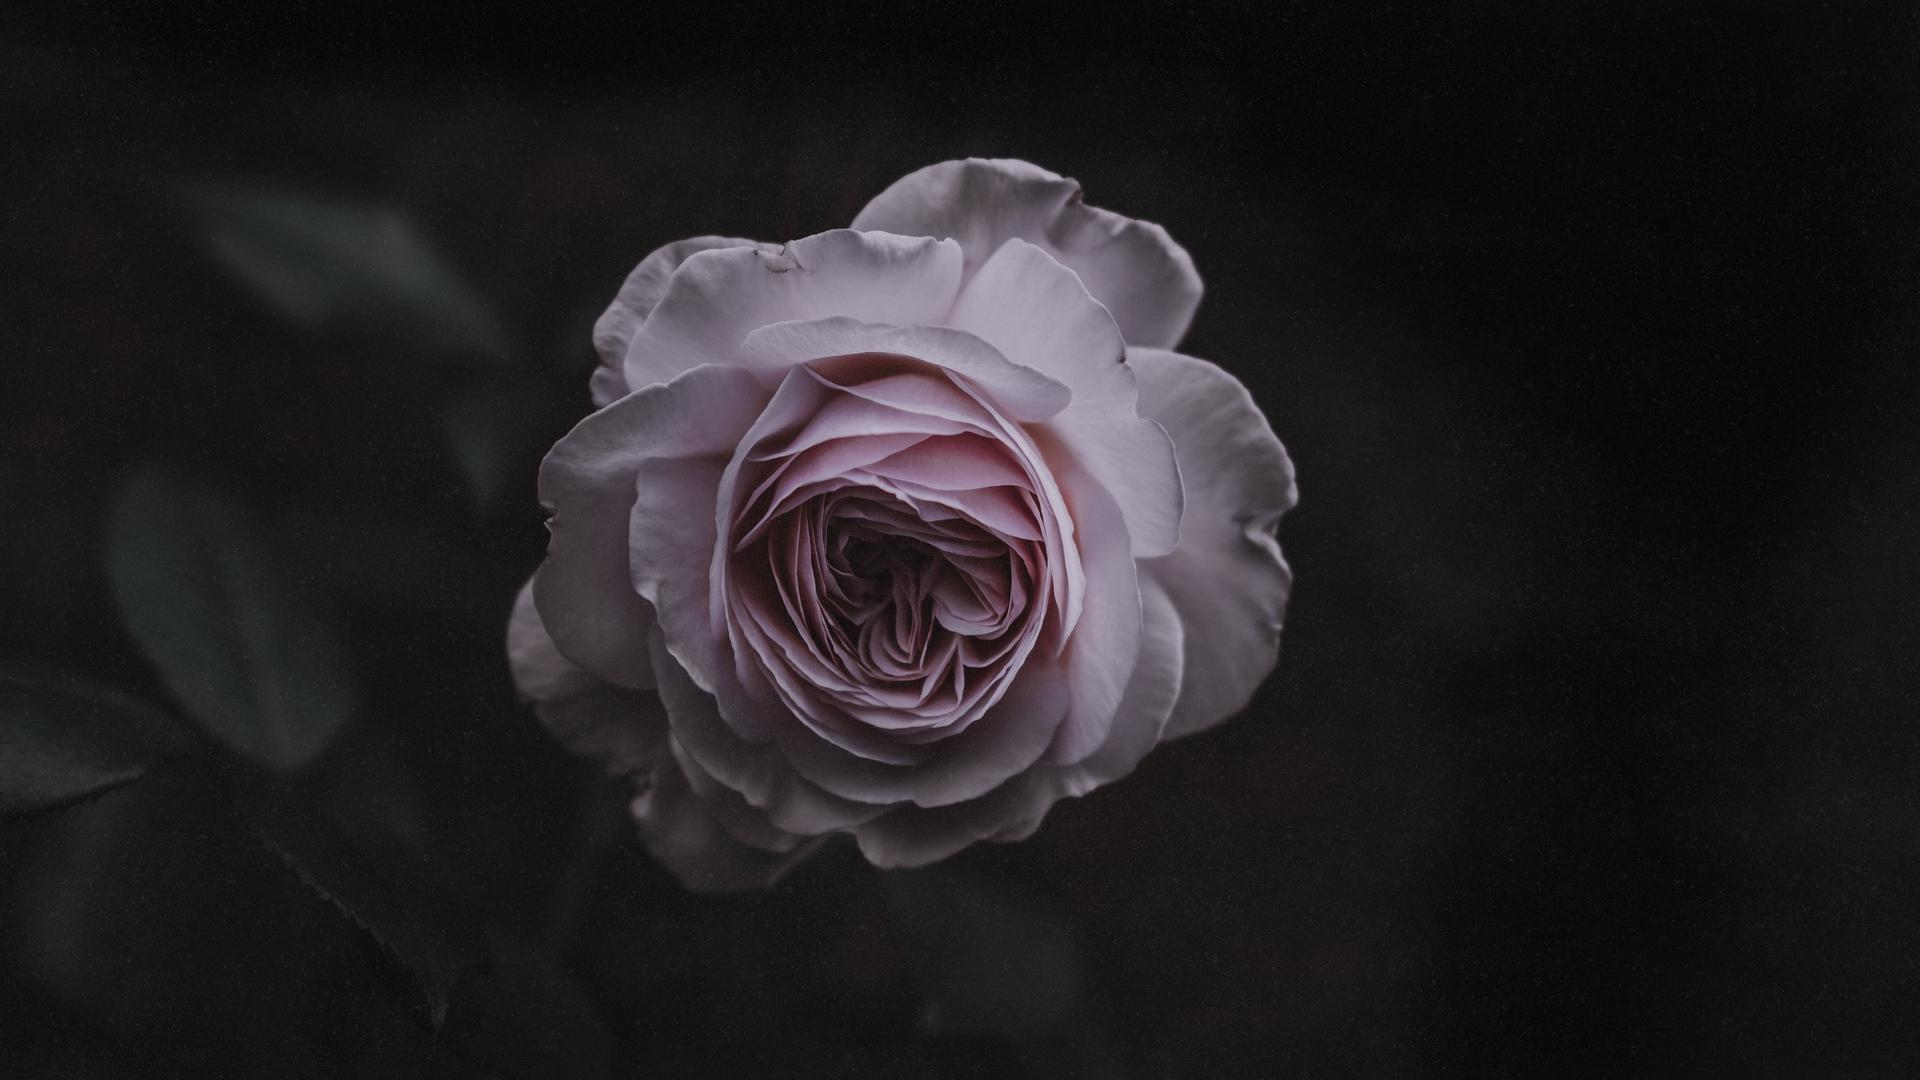 General 1920x1080 macro plants flowers roses rose